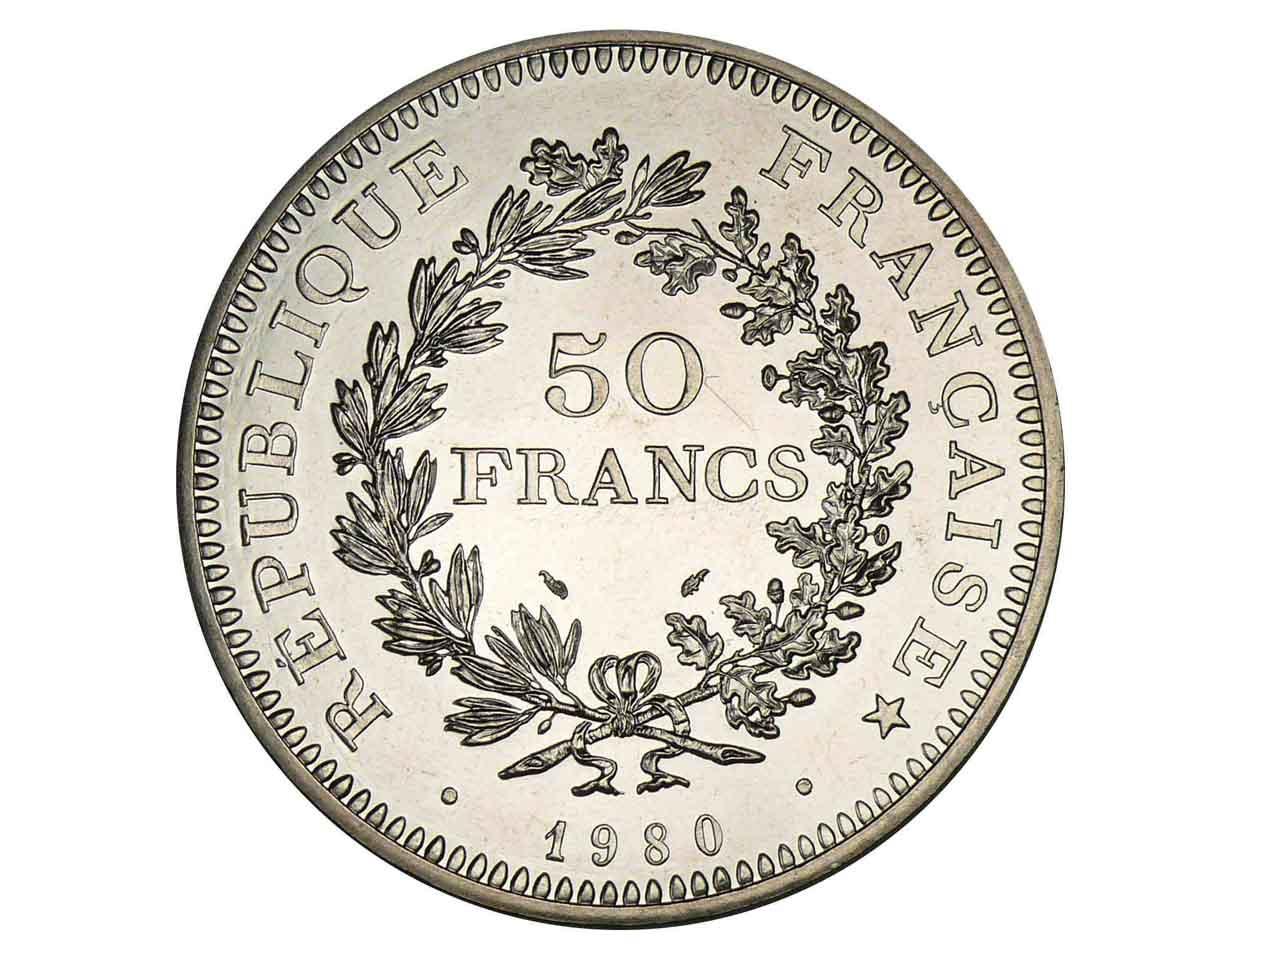 1109bb774460a4 Pièce Argent 50 Francs Hercule - cookson-clal.com